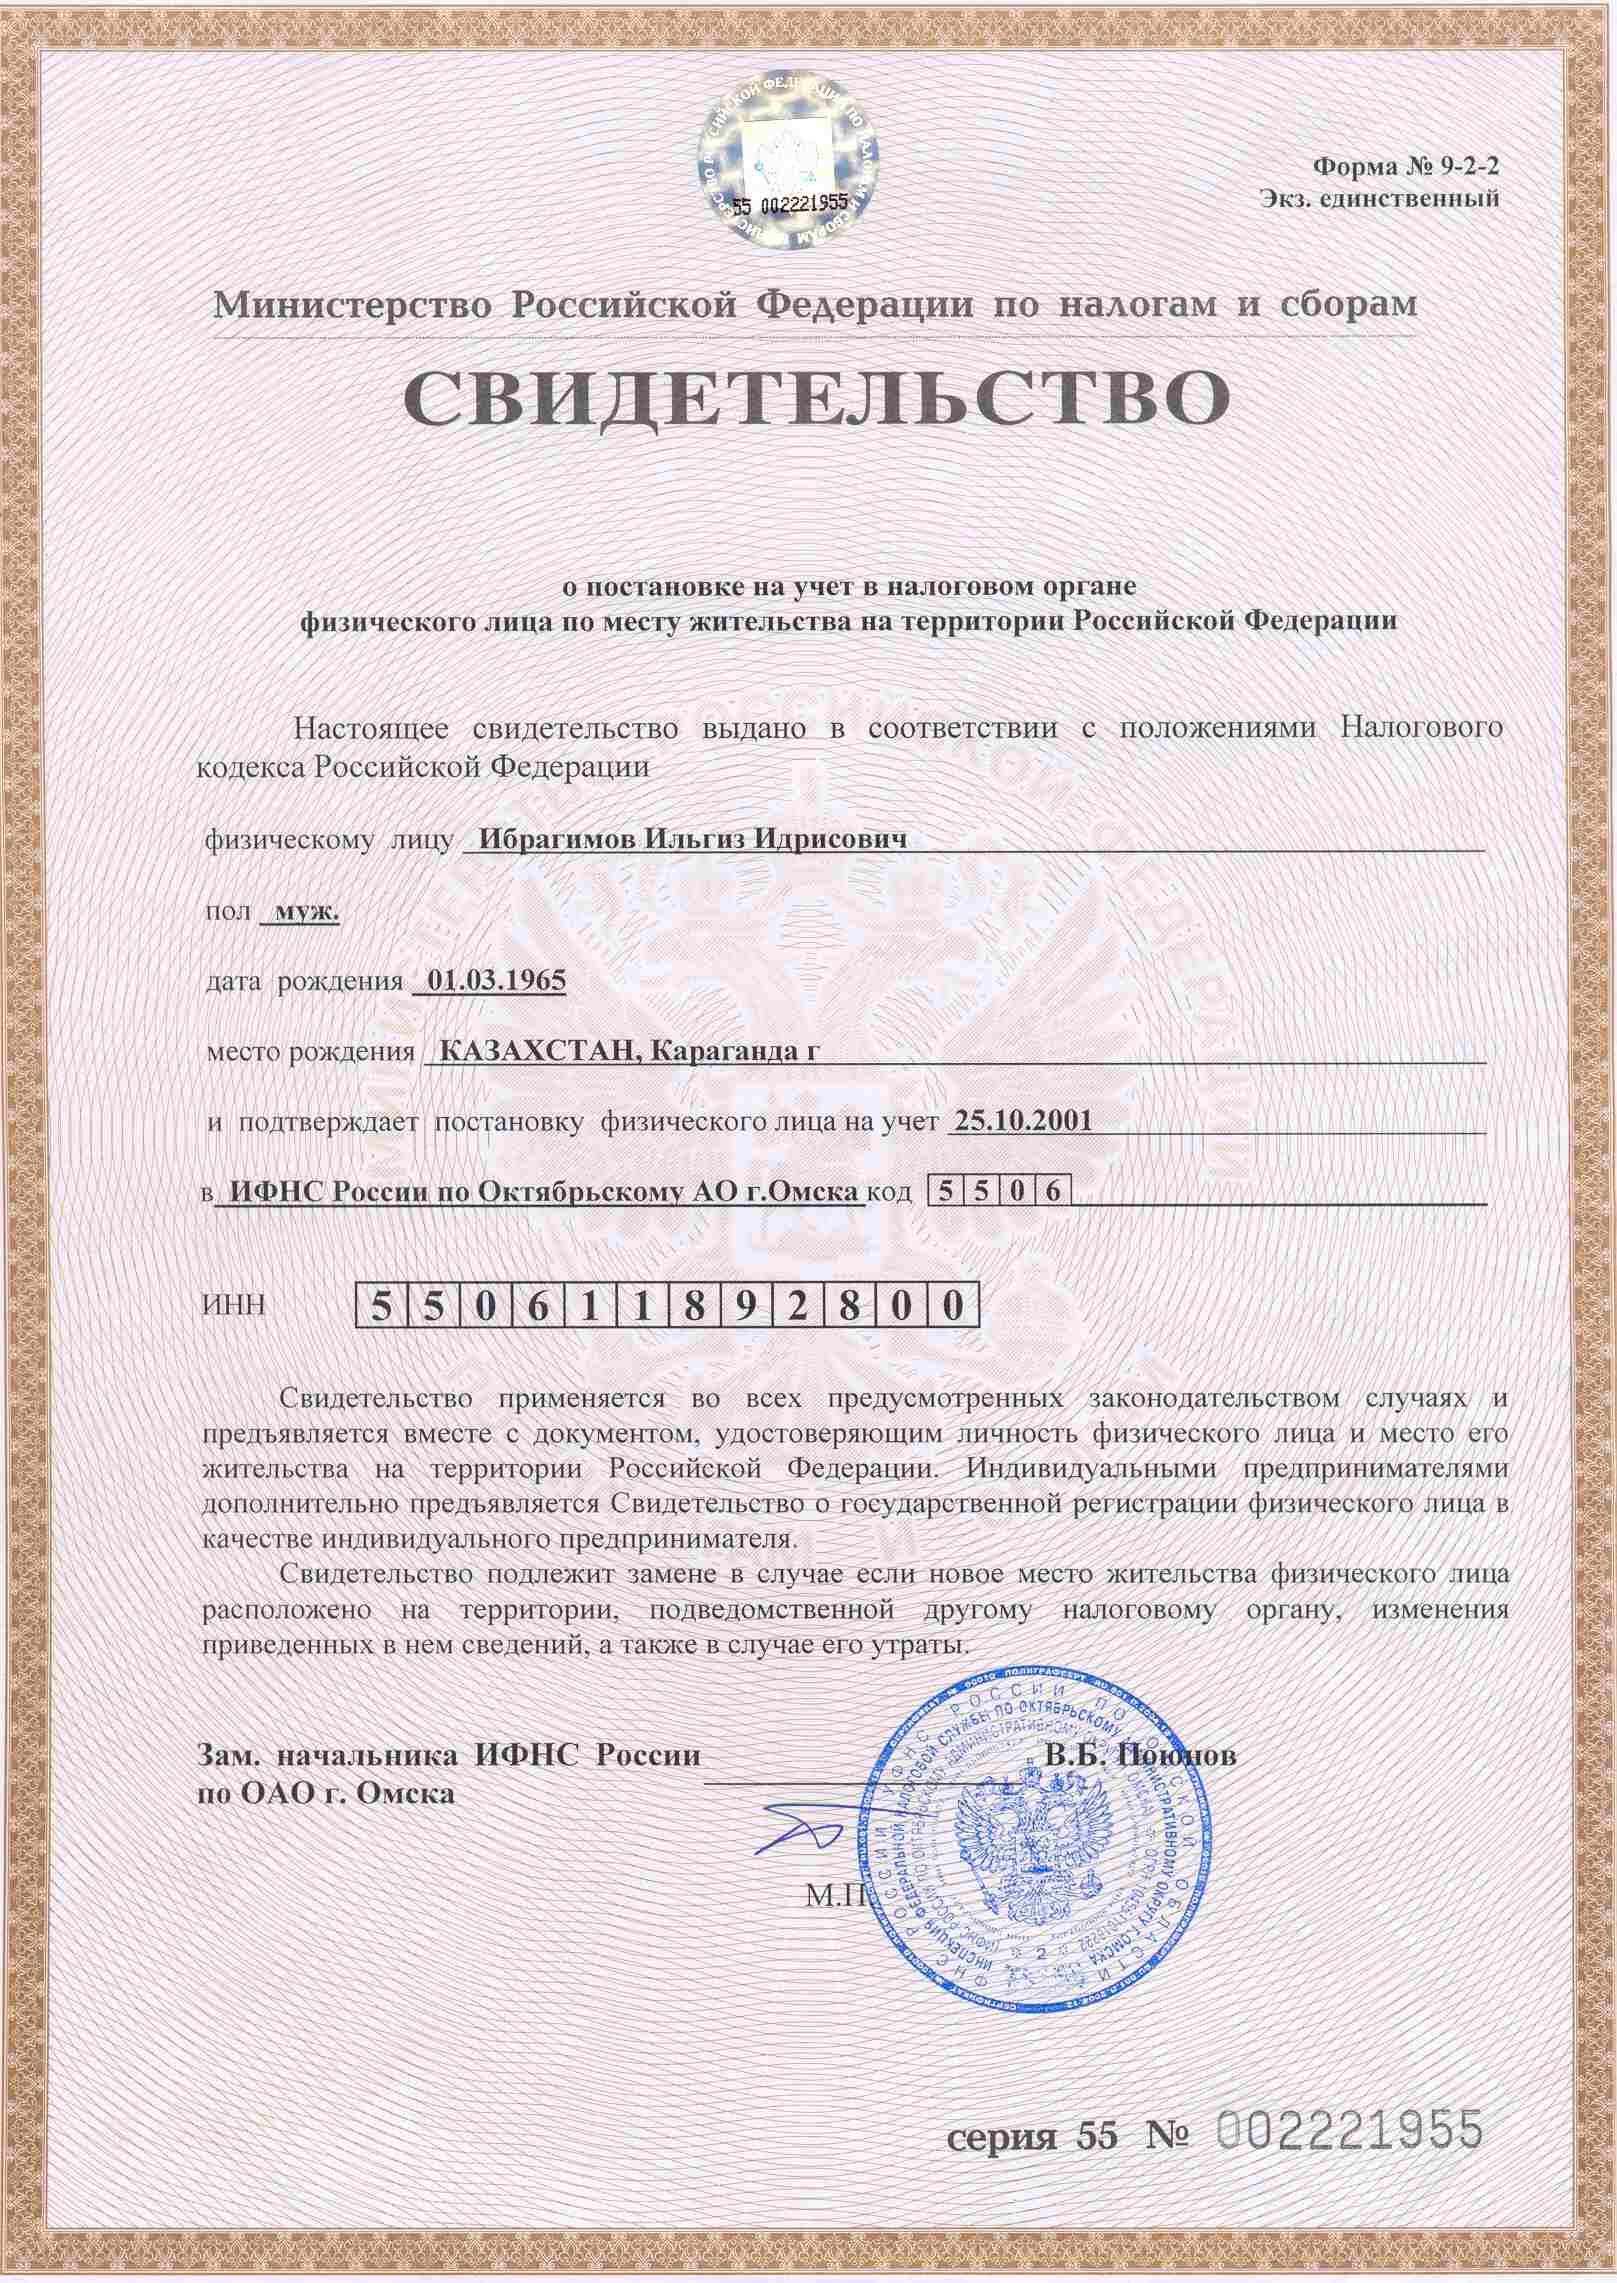 Заявление на инн форма 2-2 учет скачать - 4b813